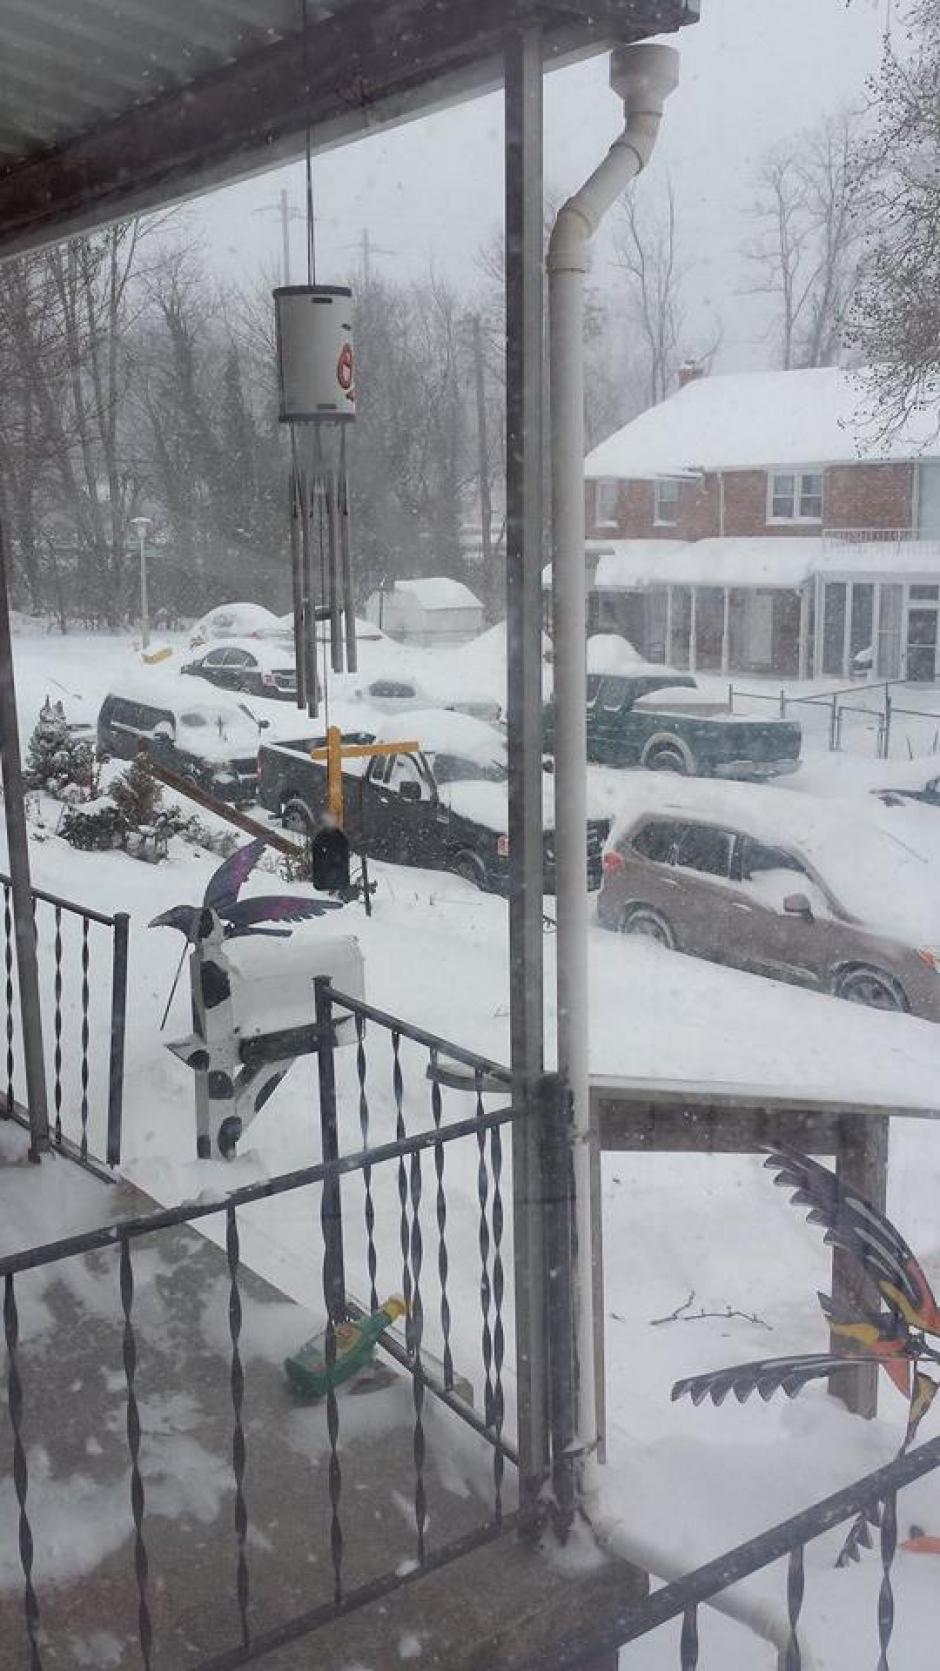 En Maryland, muchos hogares se quedaron sin el servicio de energía eléctrica. (Foto: Facebook/Jenner Aguirre)